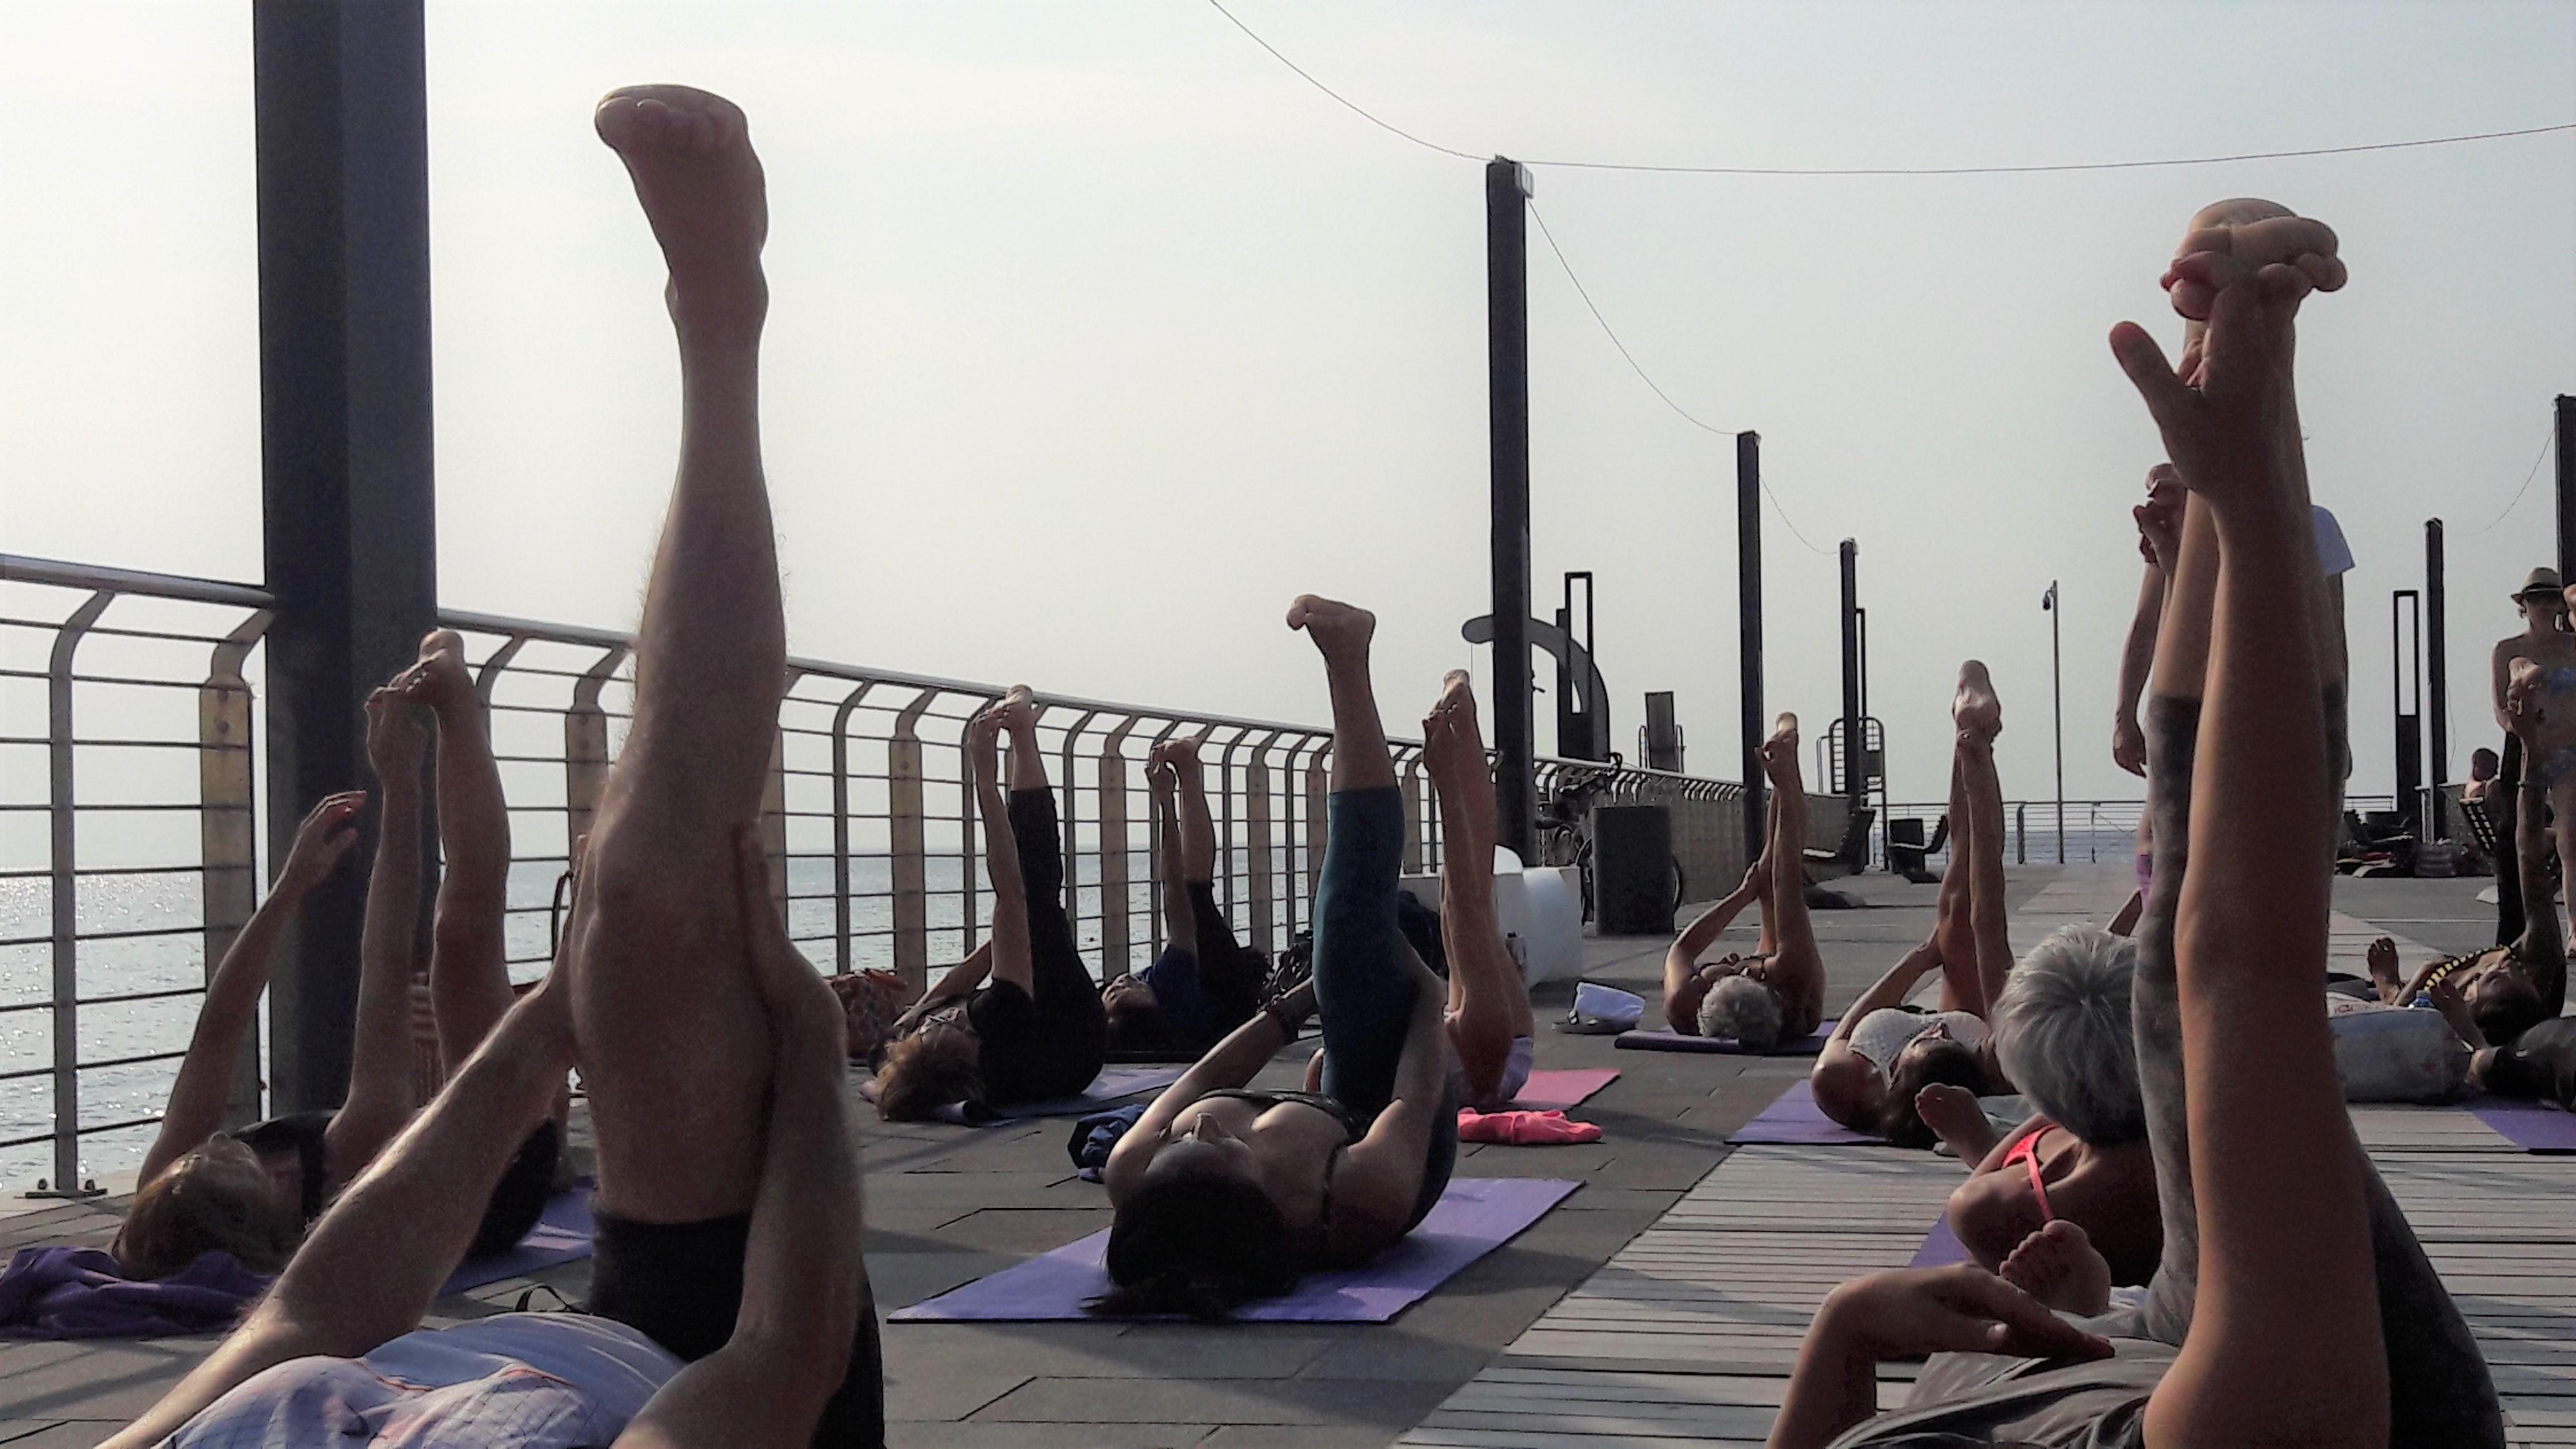 1_essere-free-yoga-gratuito-benessere-per-tutti-village-citta-alassio-estate-lucia-ragazzi-summer-town-wellness-035